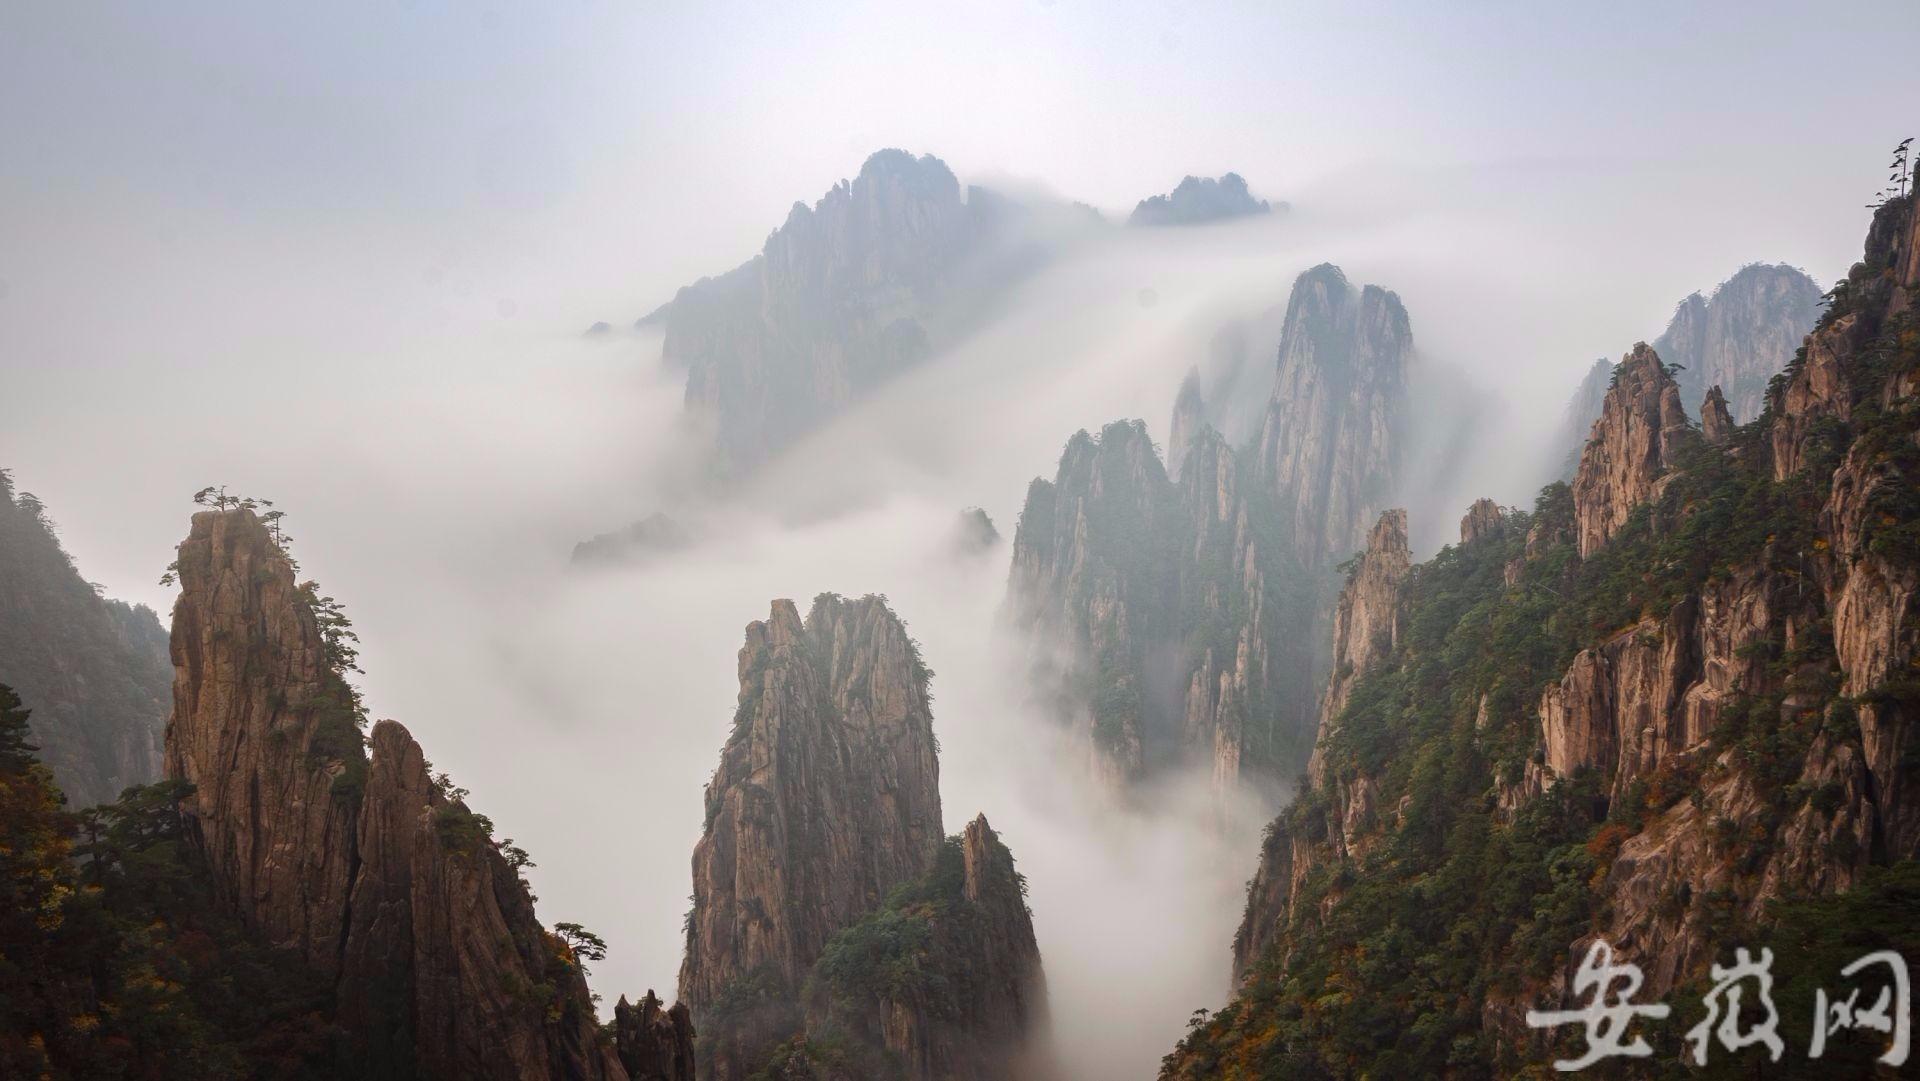 国庆黄金周渐入尾声 黄山旅游热度不减 作者: 来源:安徽网